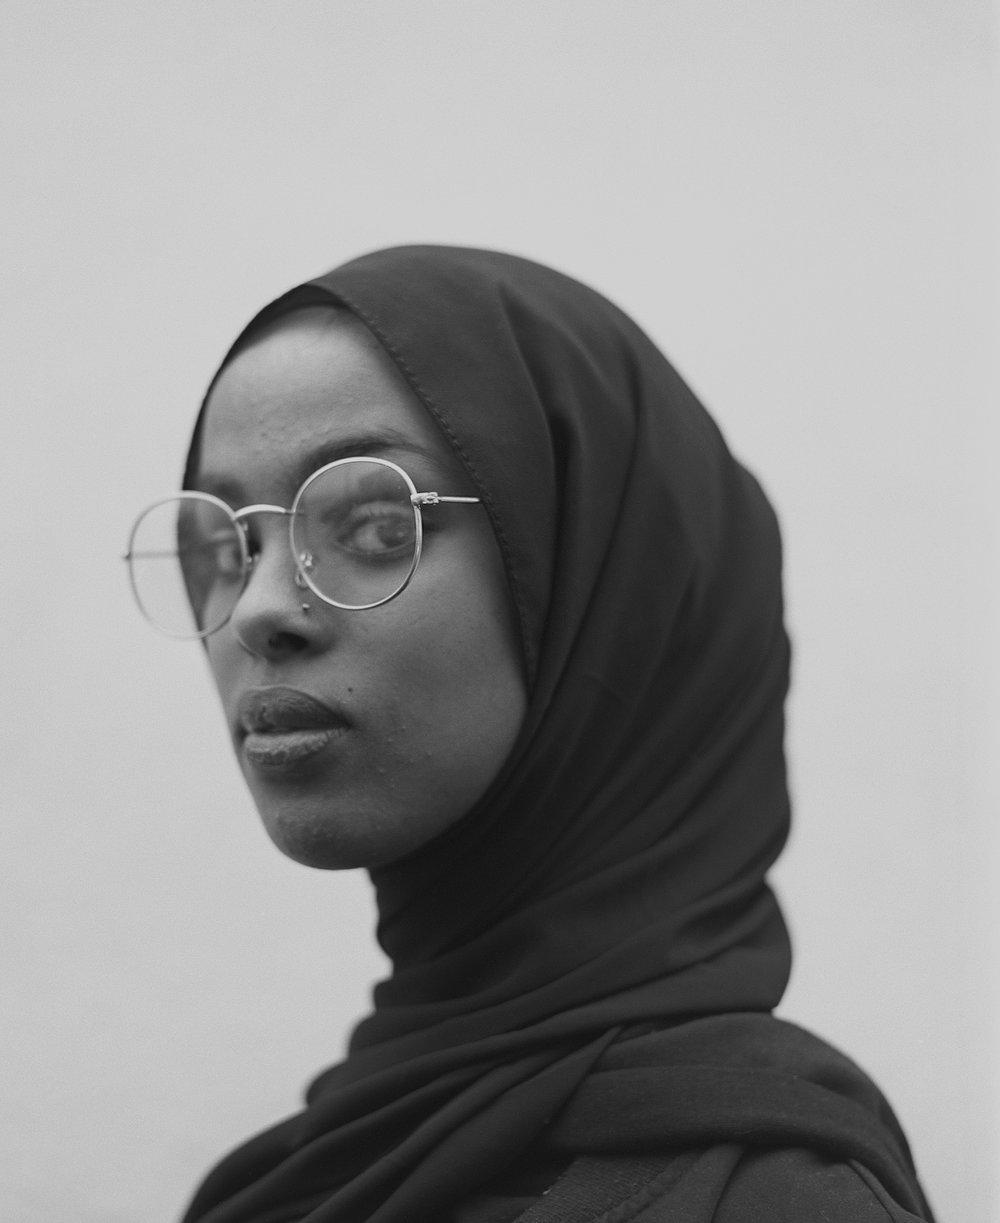 Muwahib, 2018